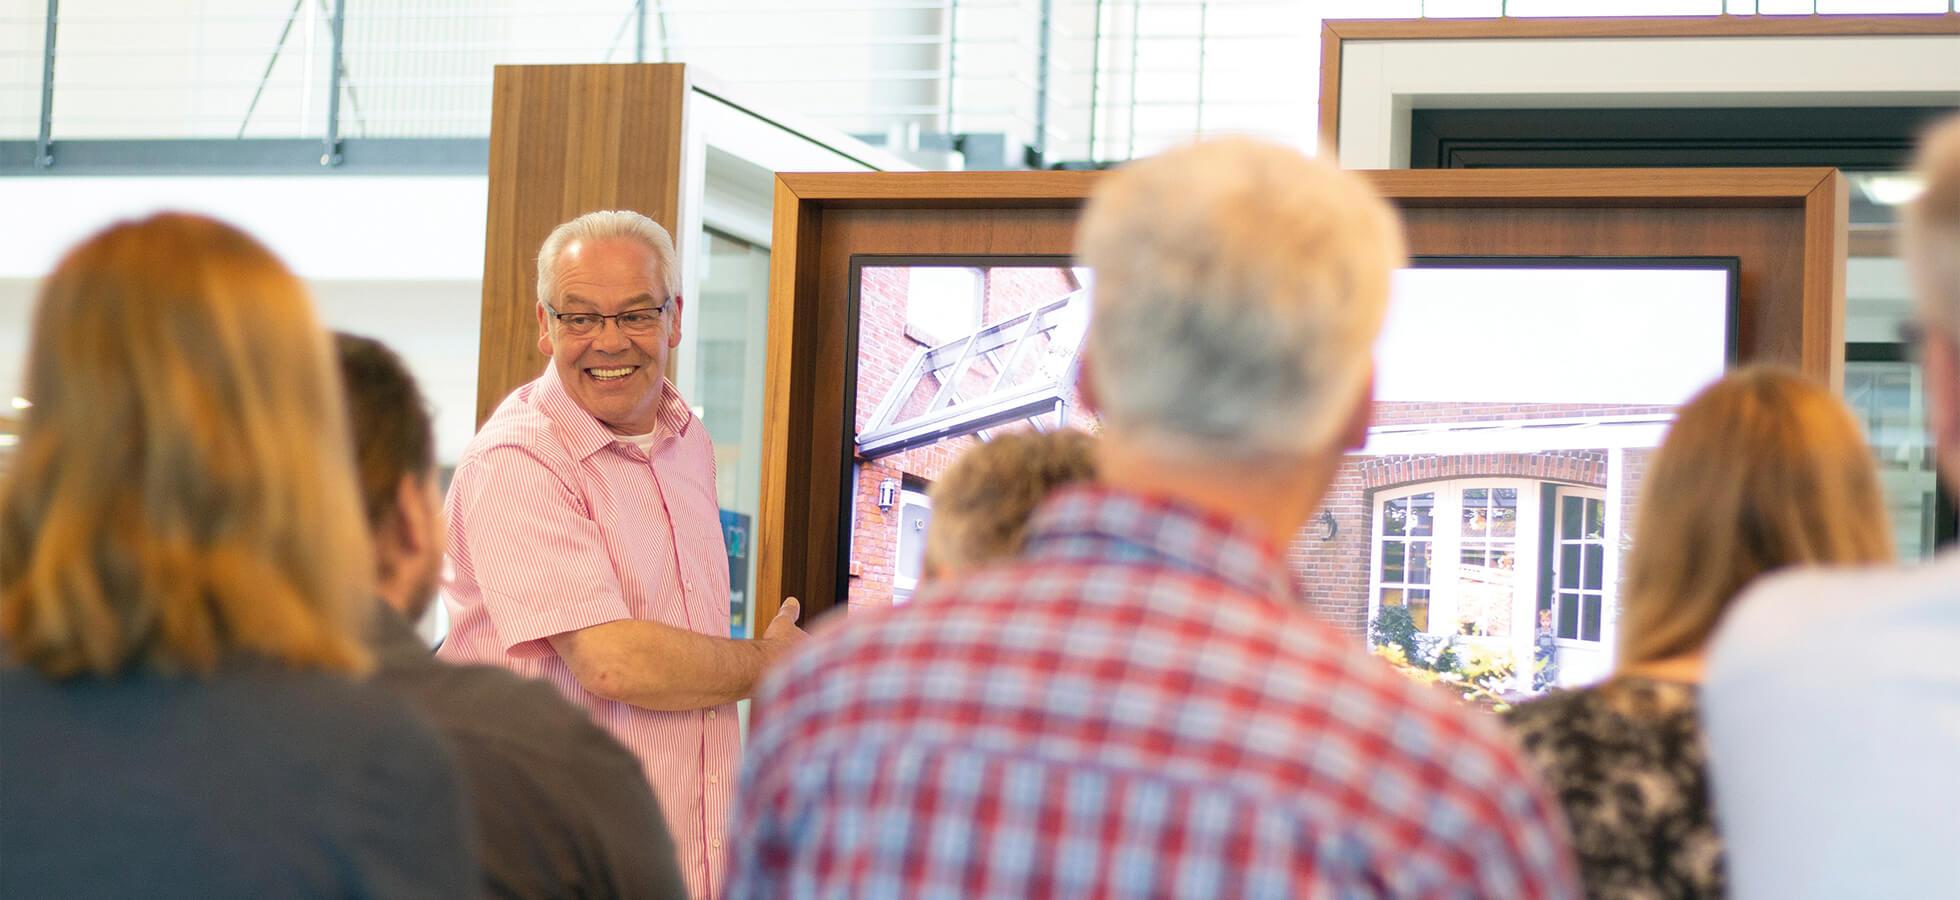 Das Bild zeigt Manfred Fischer vom KKP Soft-Ing.team bei der Präsentation zu der KKP Wintergarten und Terrassendach Software | Philosophie